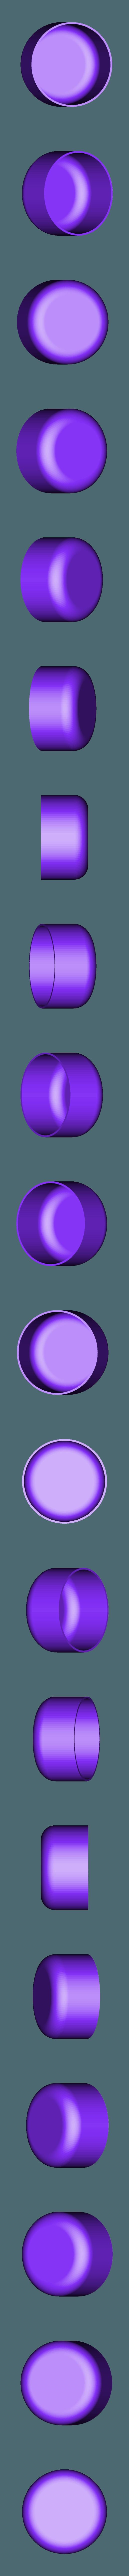 base_36x20r6.stl Télécharger fichier SCAD gratuit Contenants ronds personnalisables • Plan pour impression 3D, WalterHsiao